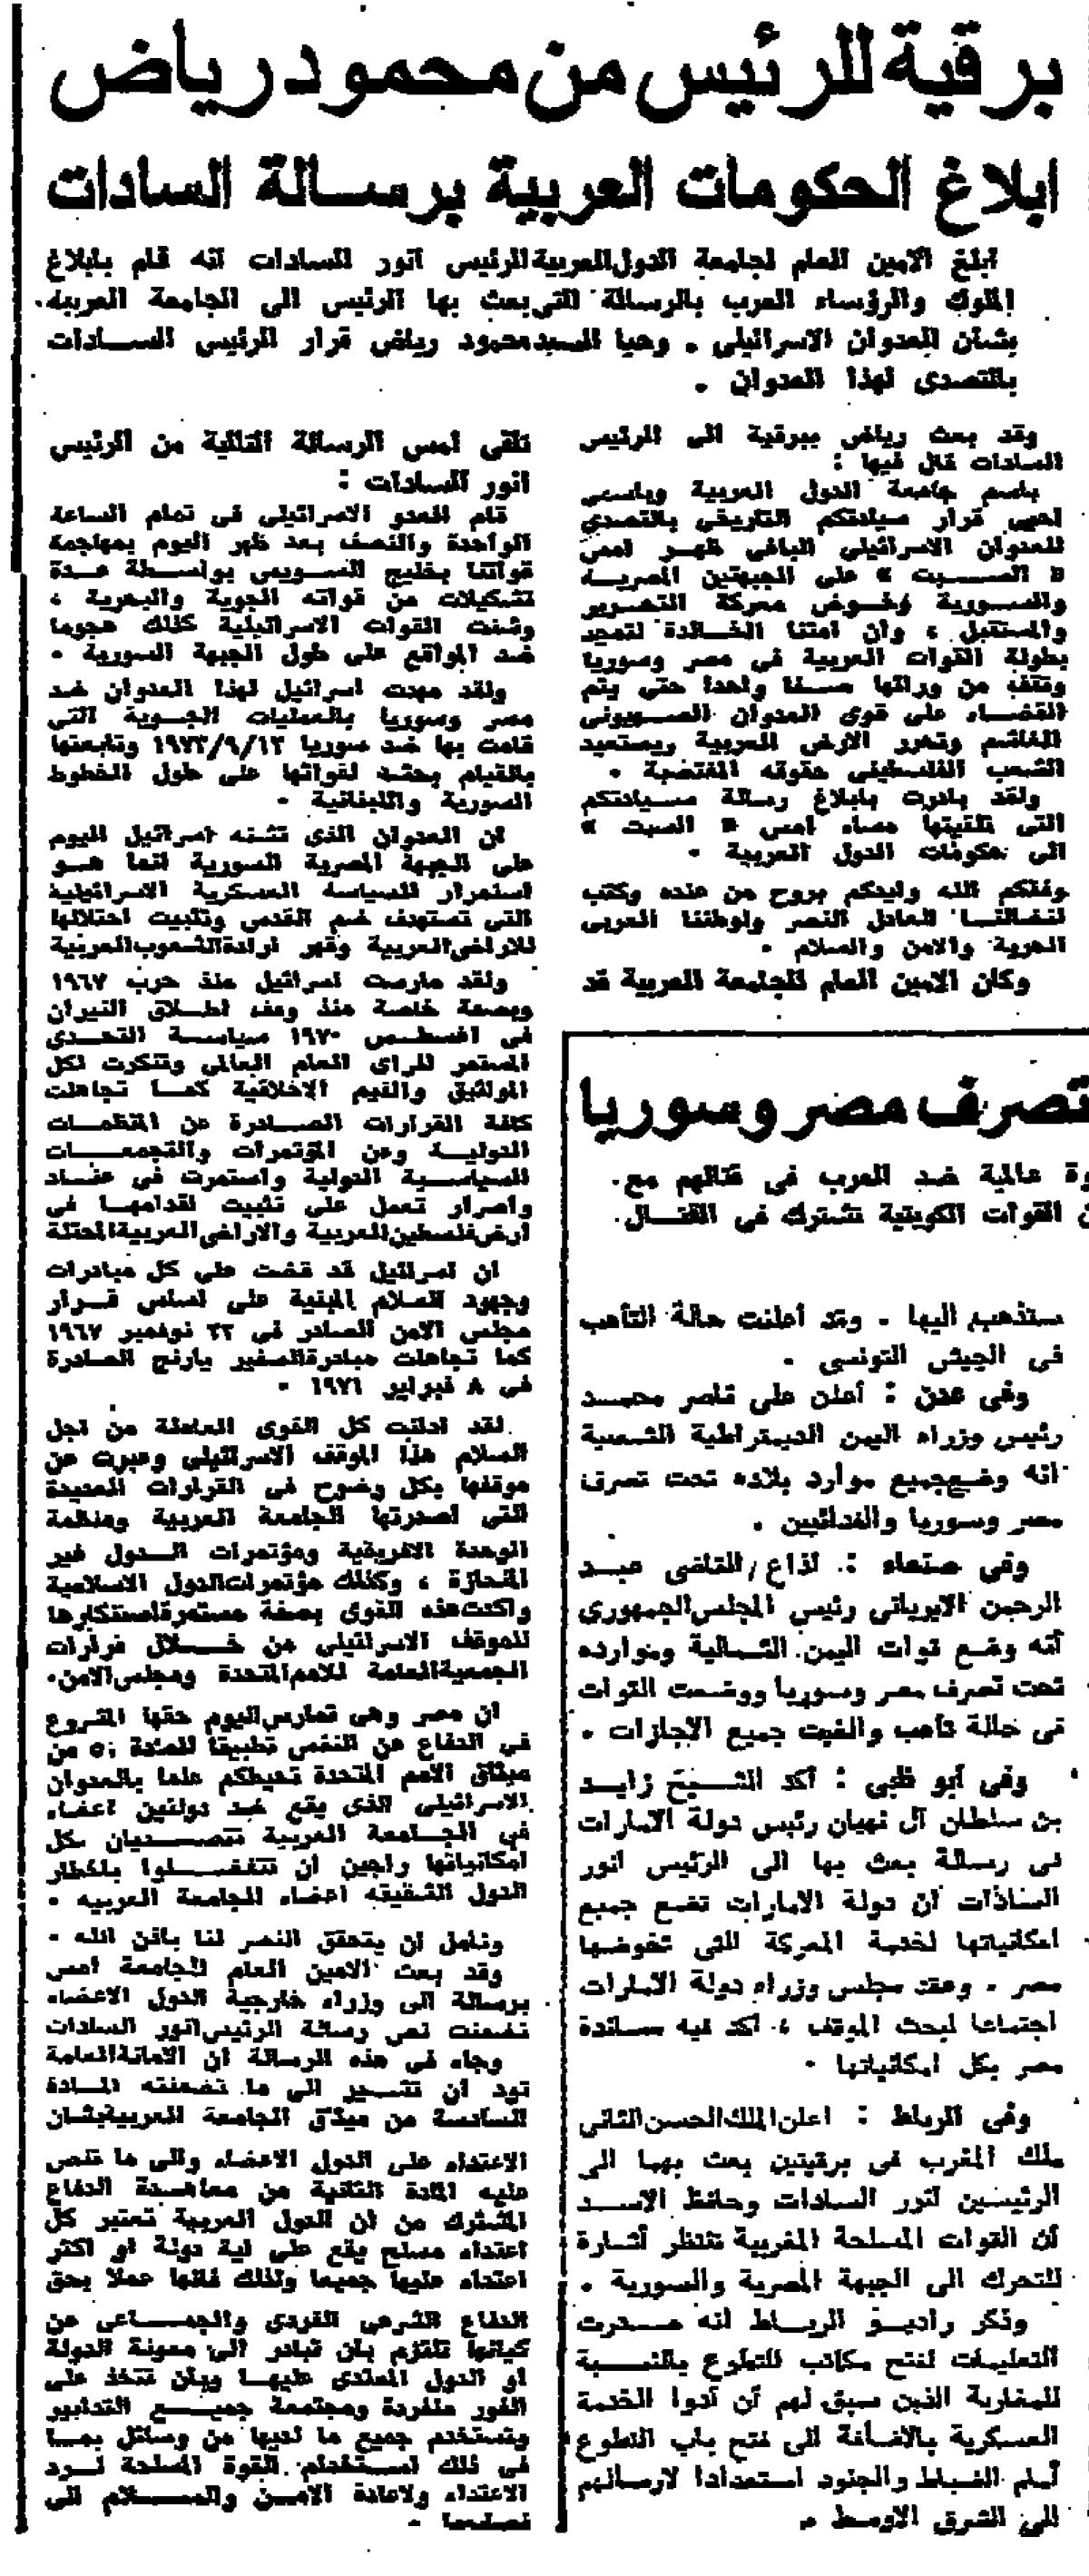 برقية محمود رياض إلى السادات